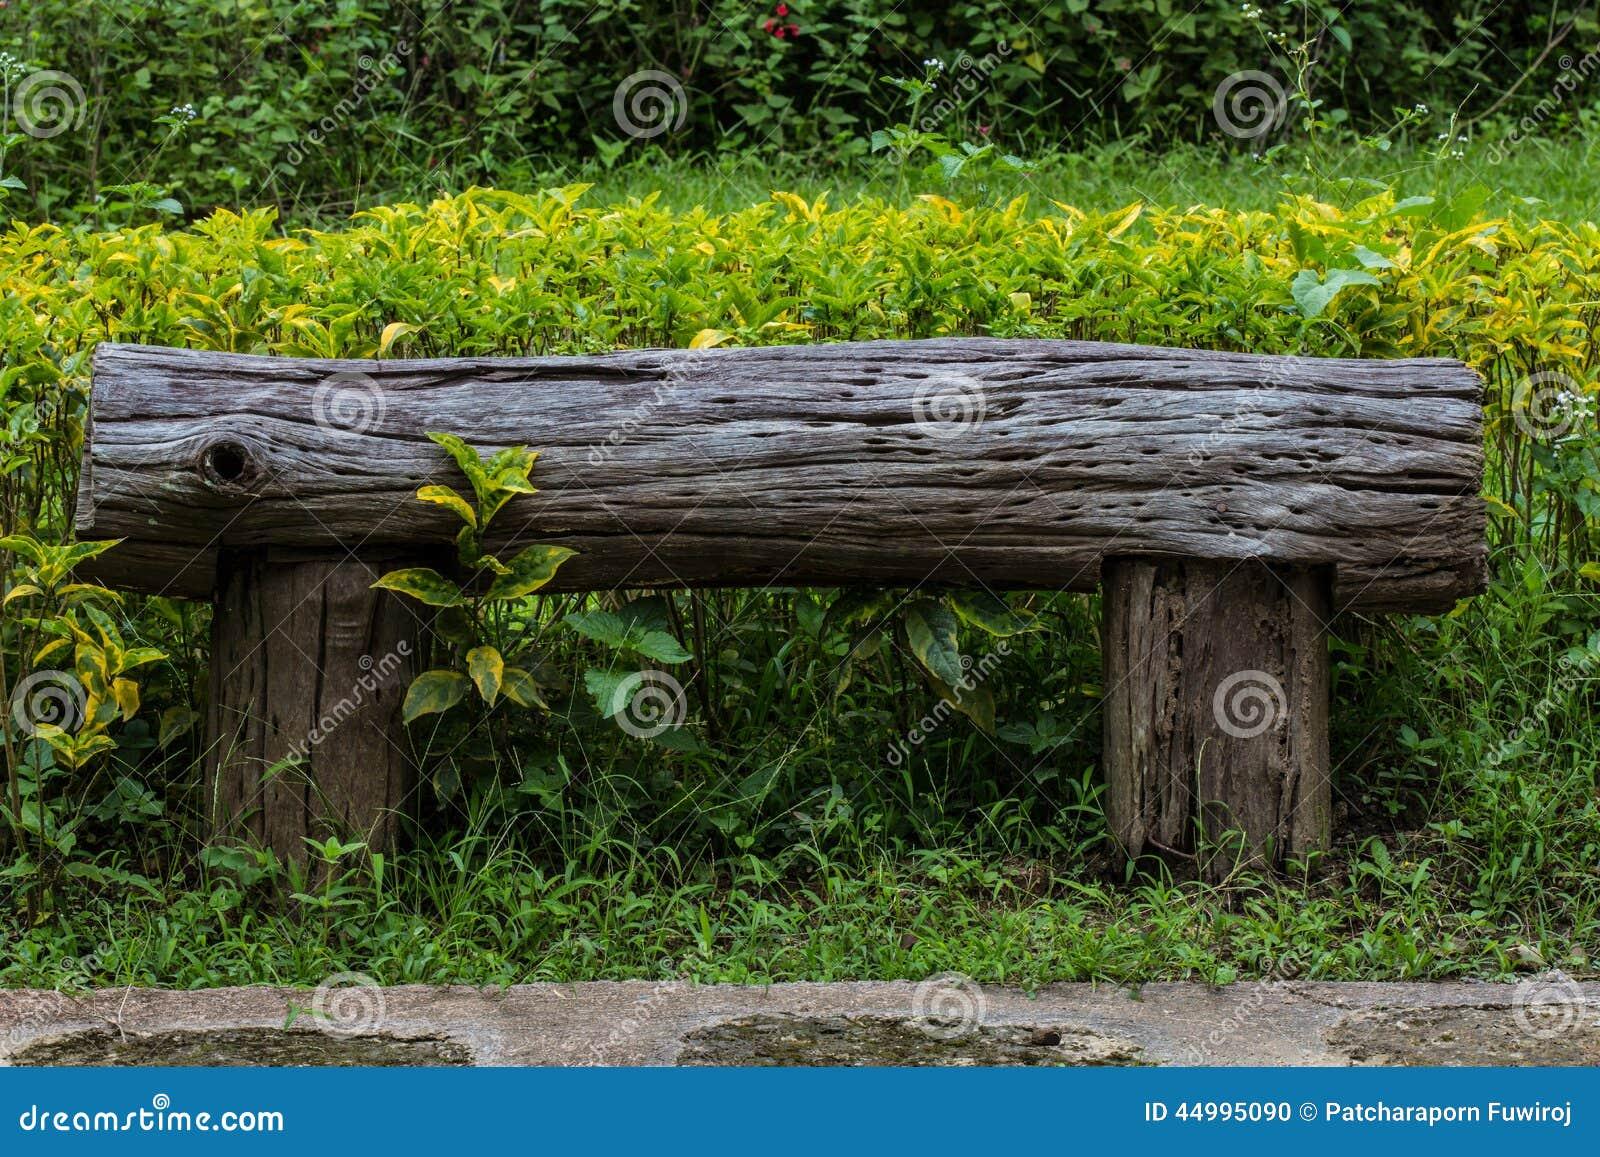 banc en bois objet photo stock image 44995090. Black Bedroom Furniture Sets. Home Design Ideas